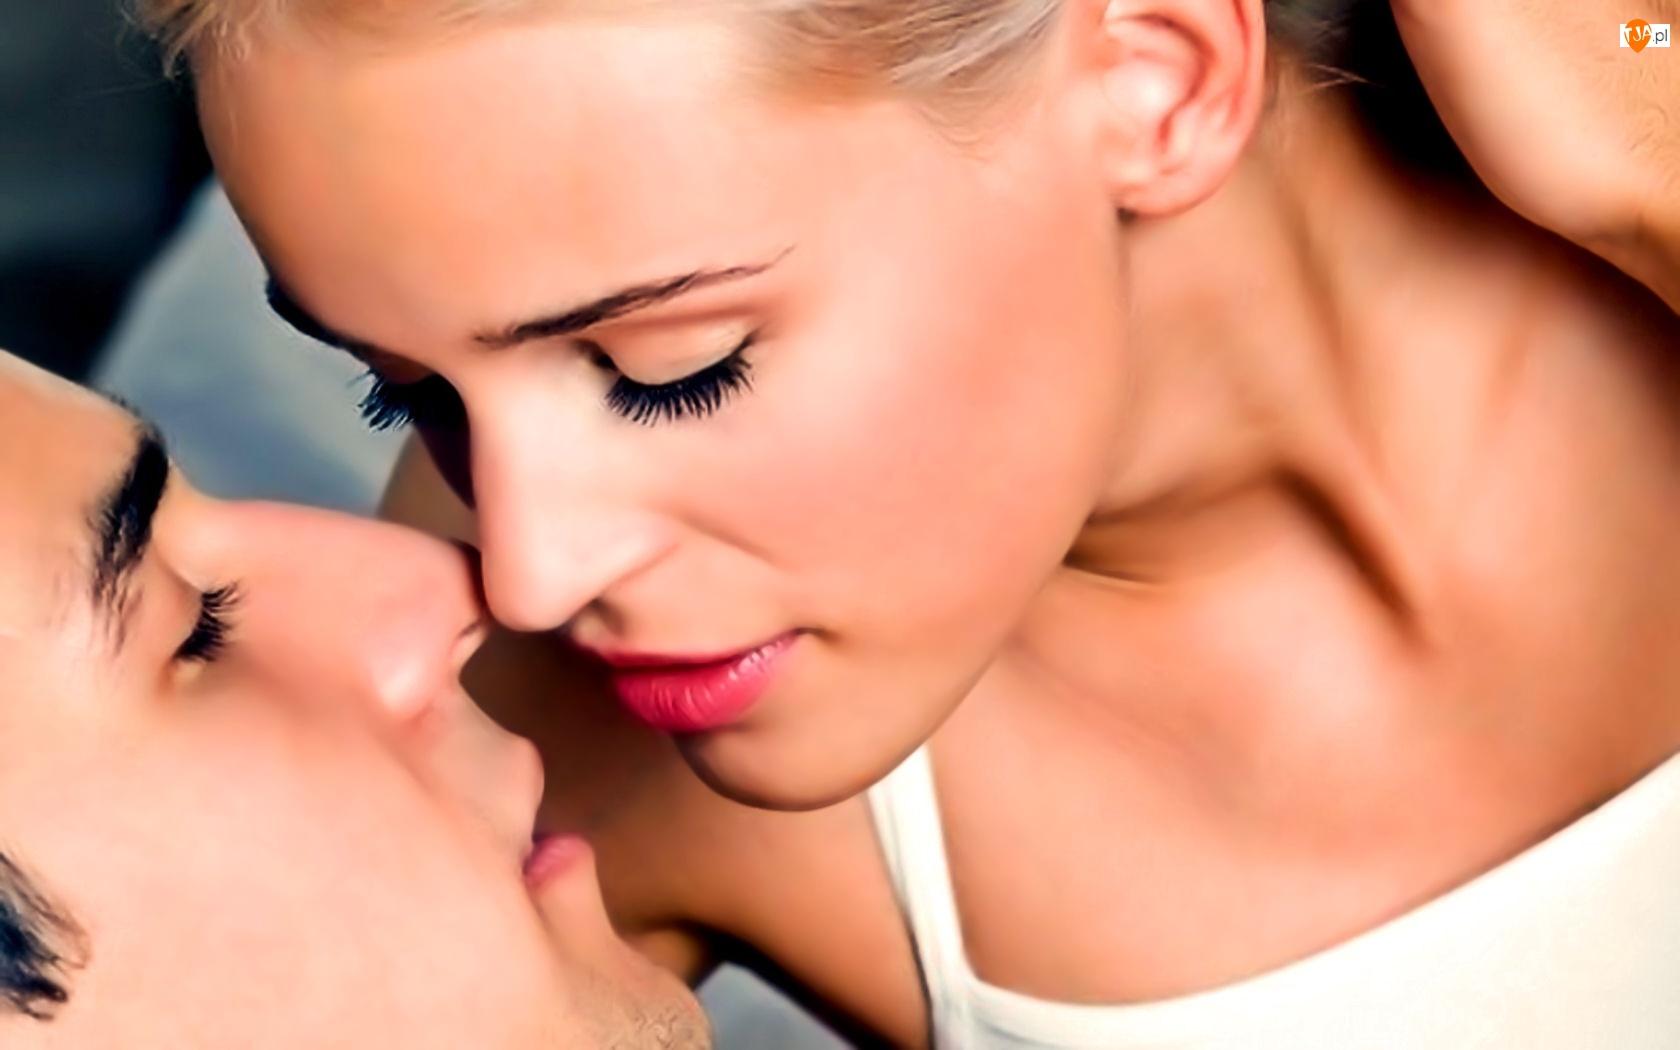 Pocałunek, Kobieta, Mężczyzna